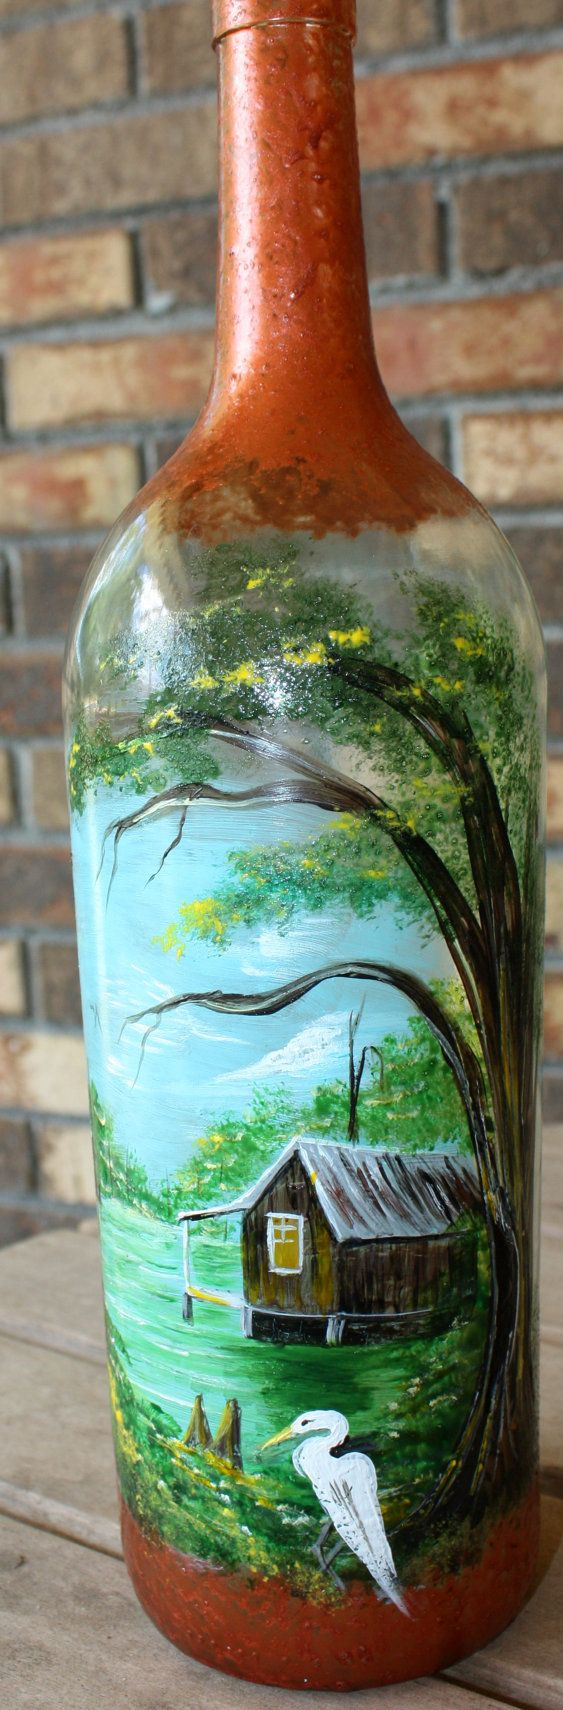 .Garrafa decorada com pintura à mão